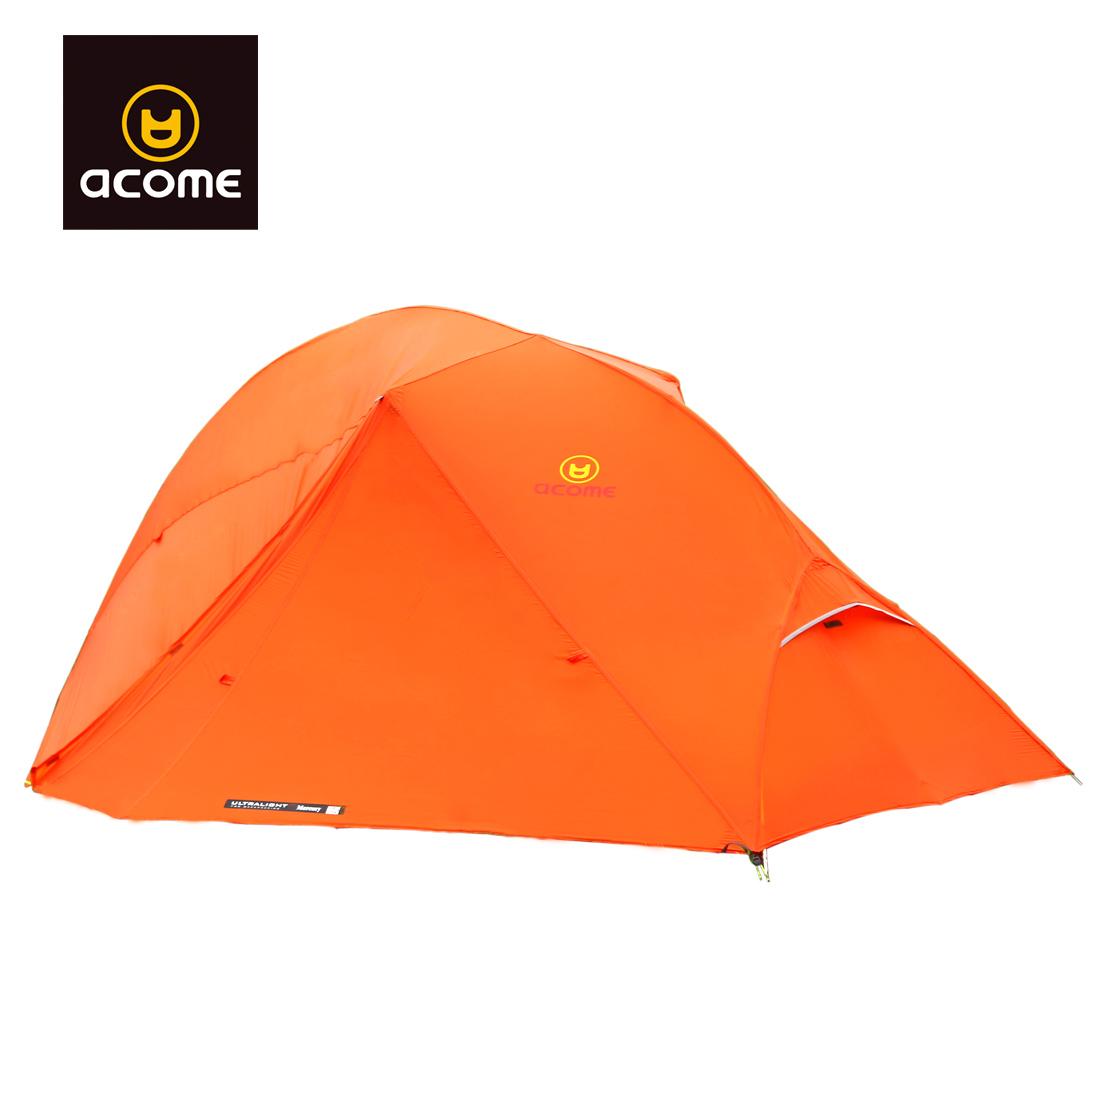 阿珂姆/acome专柜正品户外双人高端帐篷 ultralight 超轻系列水星